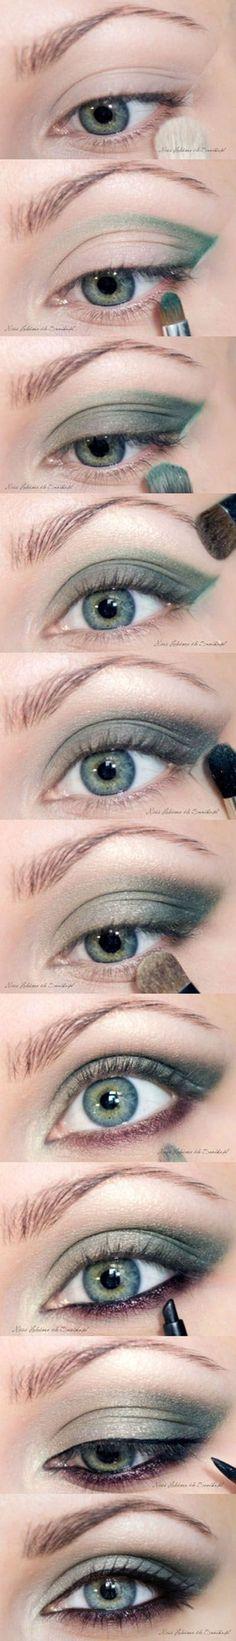 10+ Tutoriels de maquillage d'hiver faciles et simples pour débutants et apprenants 2018